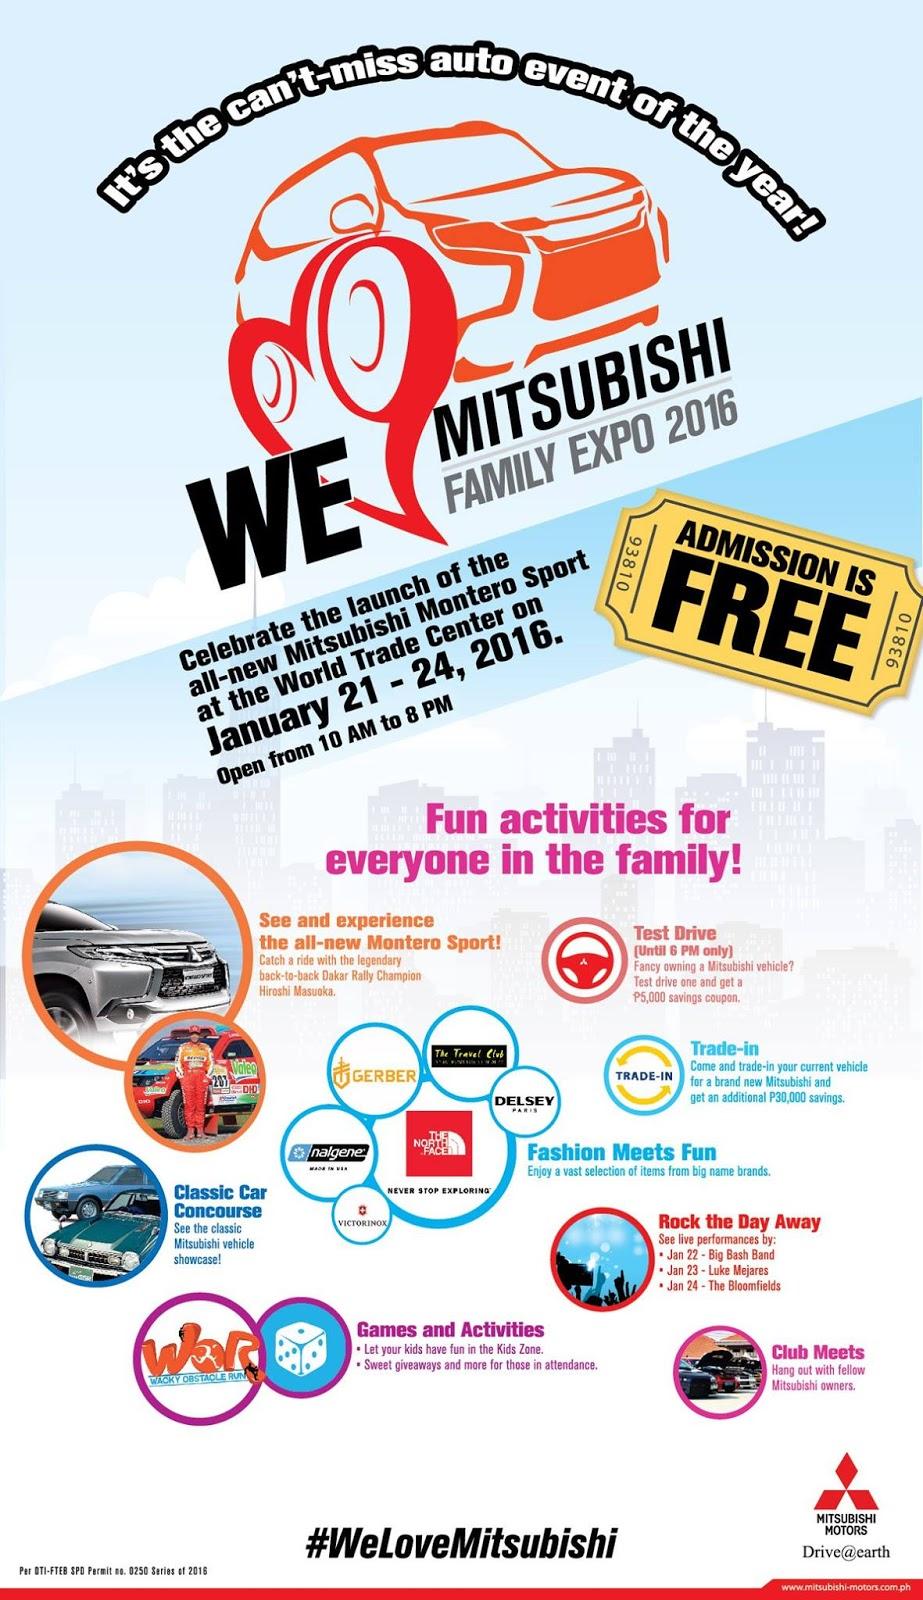 We Love Mitsubishi Family Expo